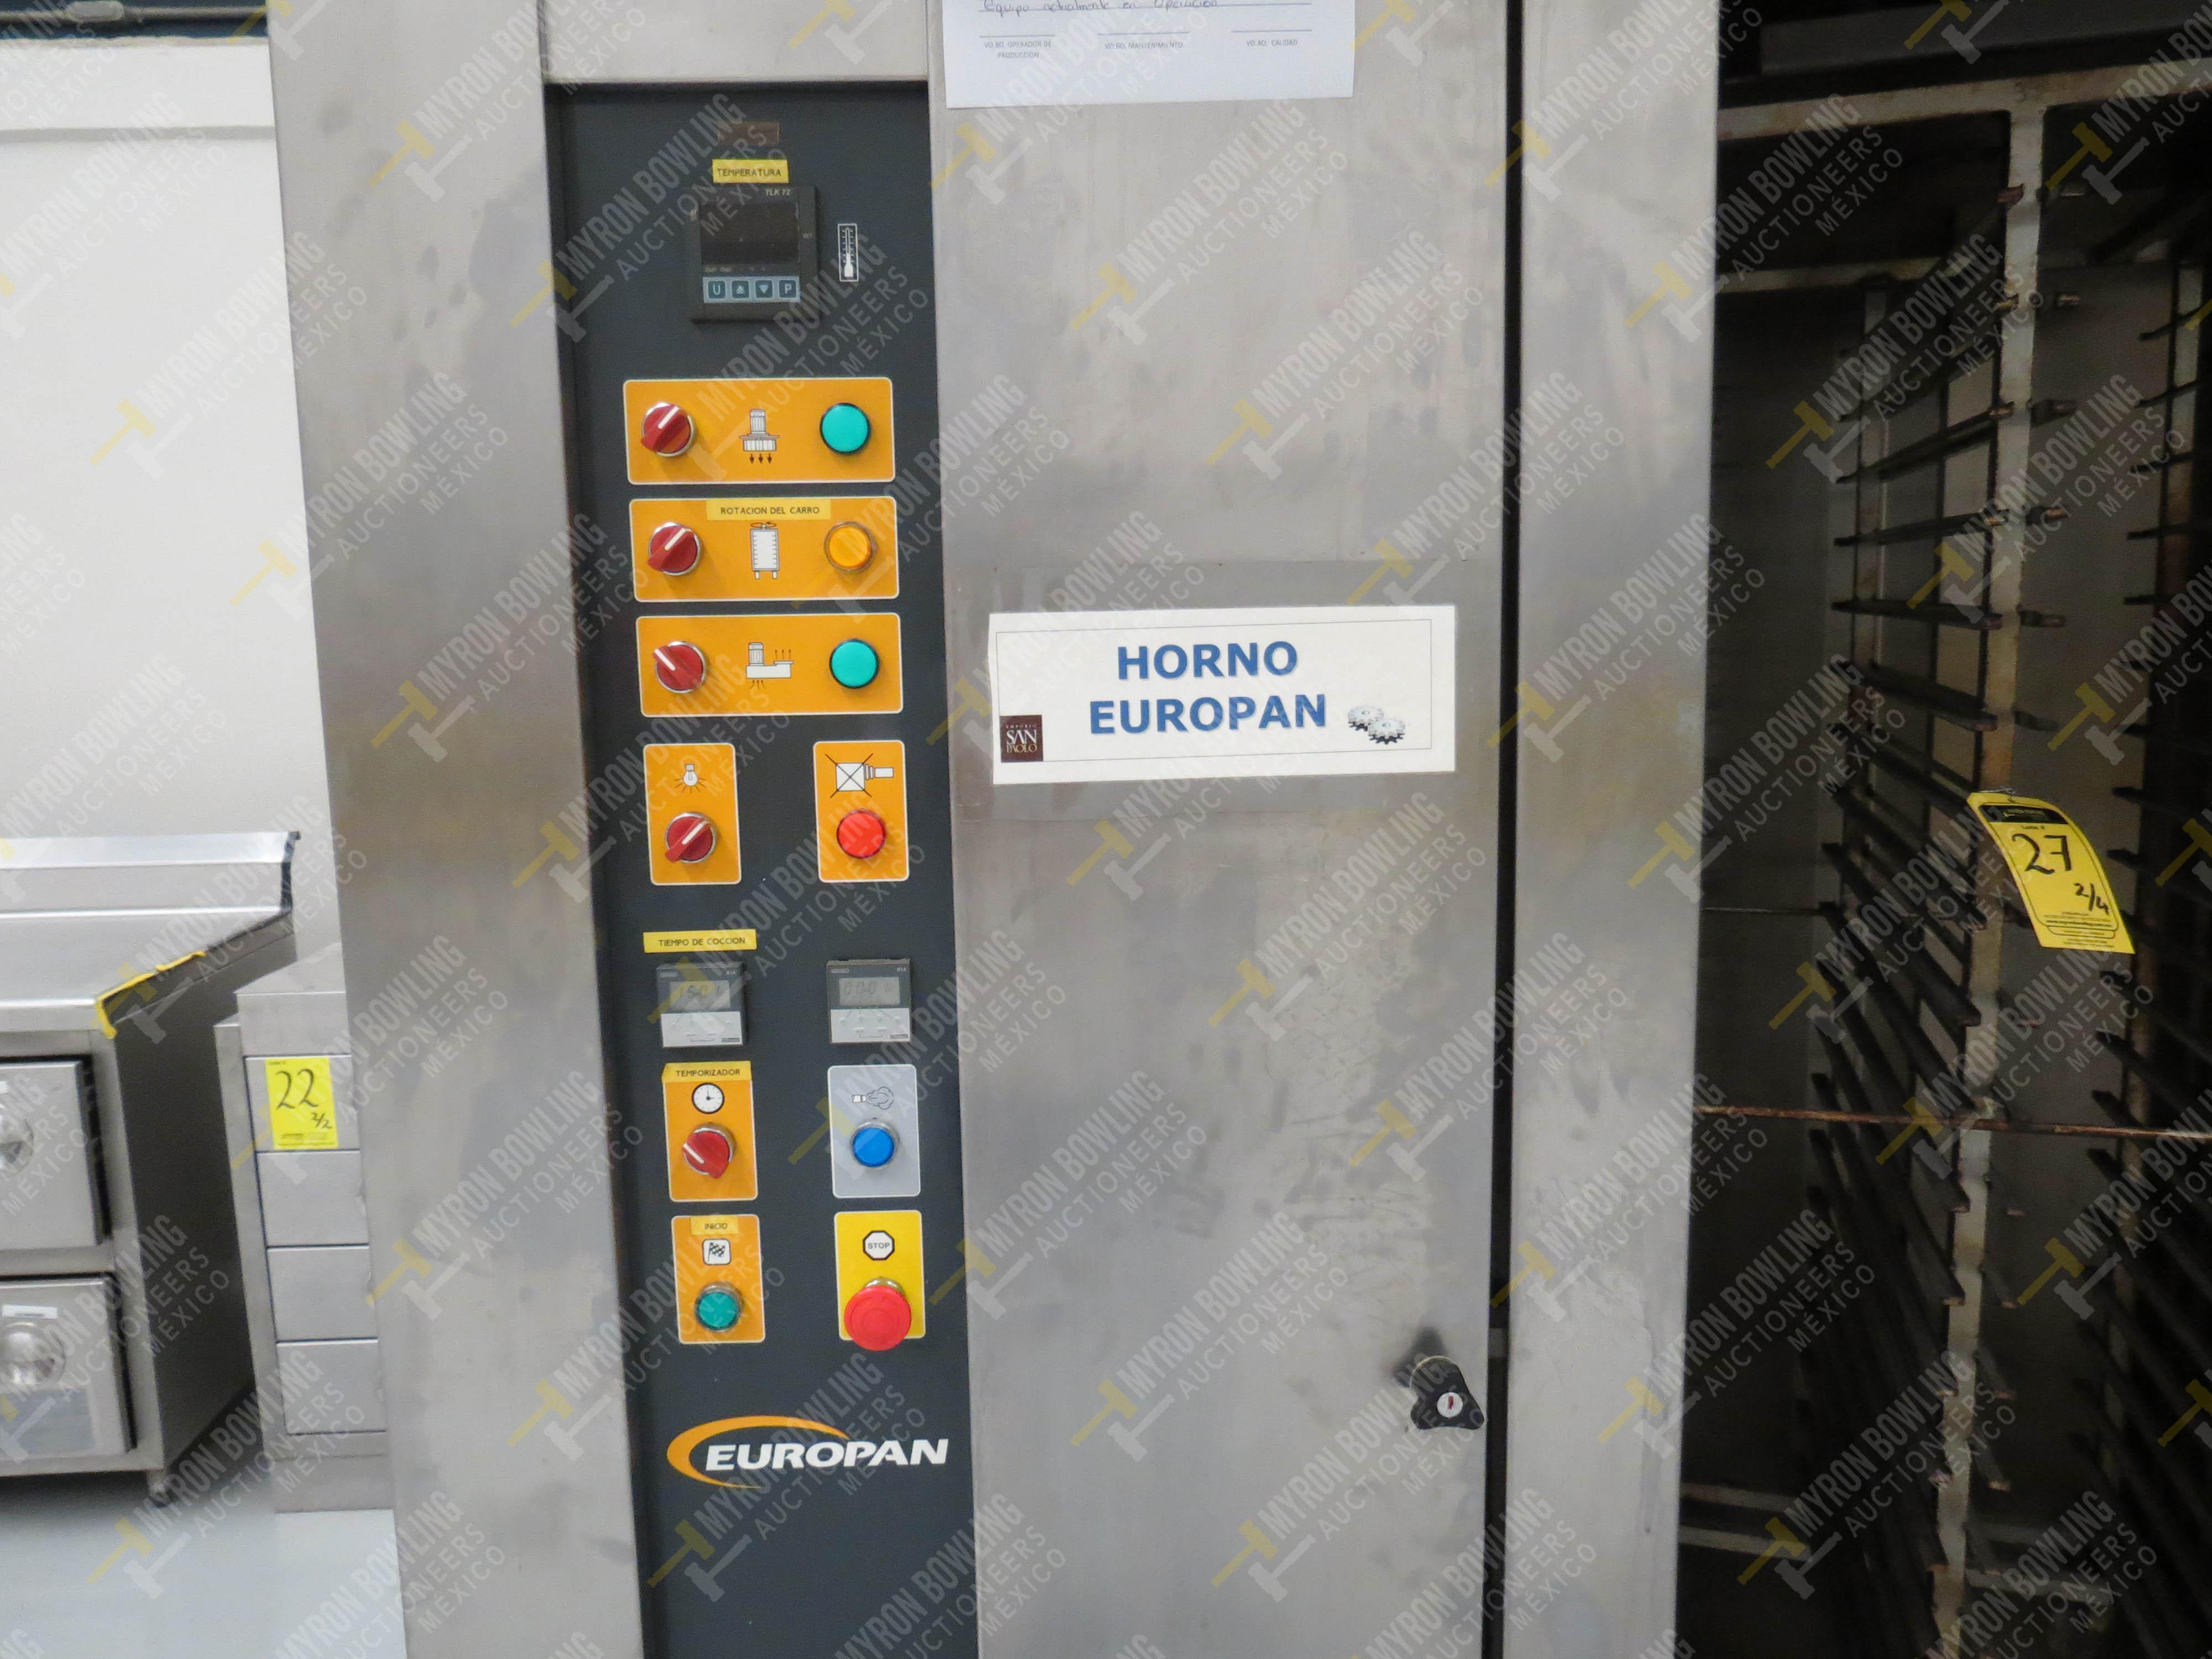 Horno giratorio a gas marca Europan, Modelo LFRN66X92, No. de Serie 6397, año 2007 ... - Image 4 of 13